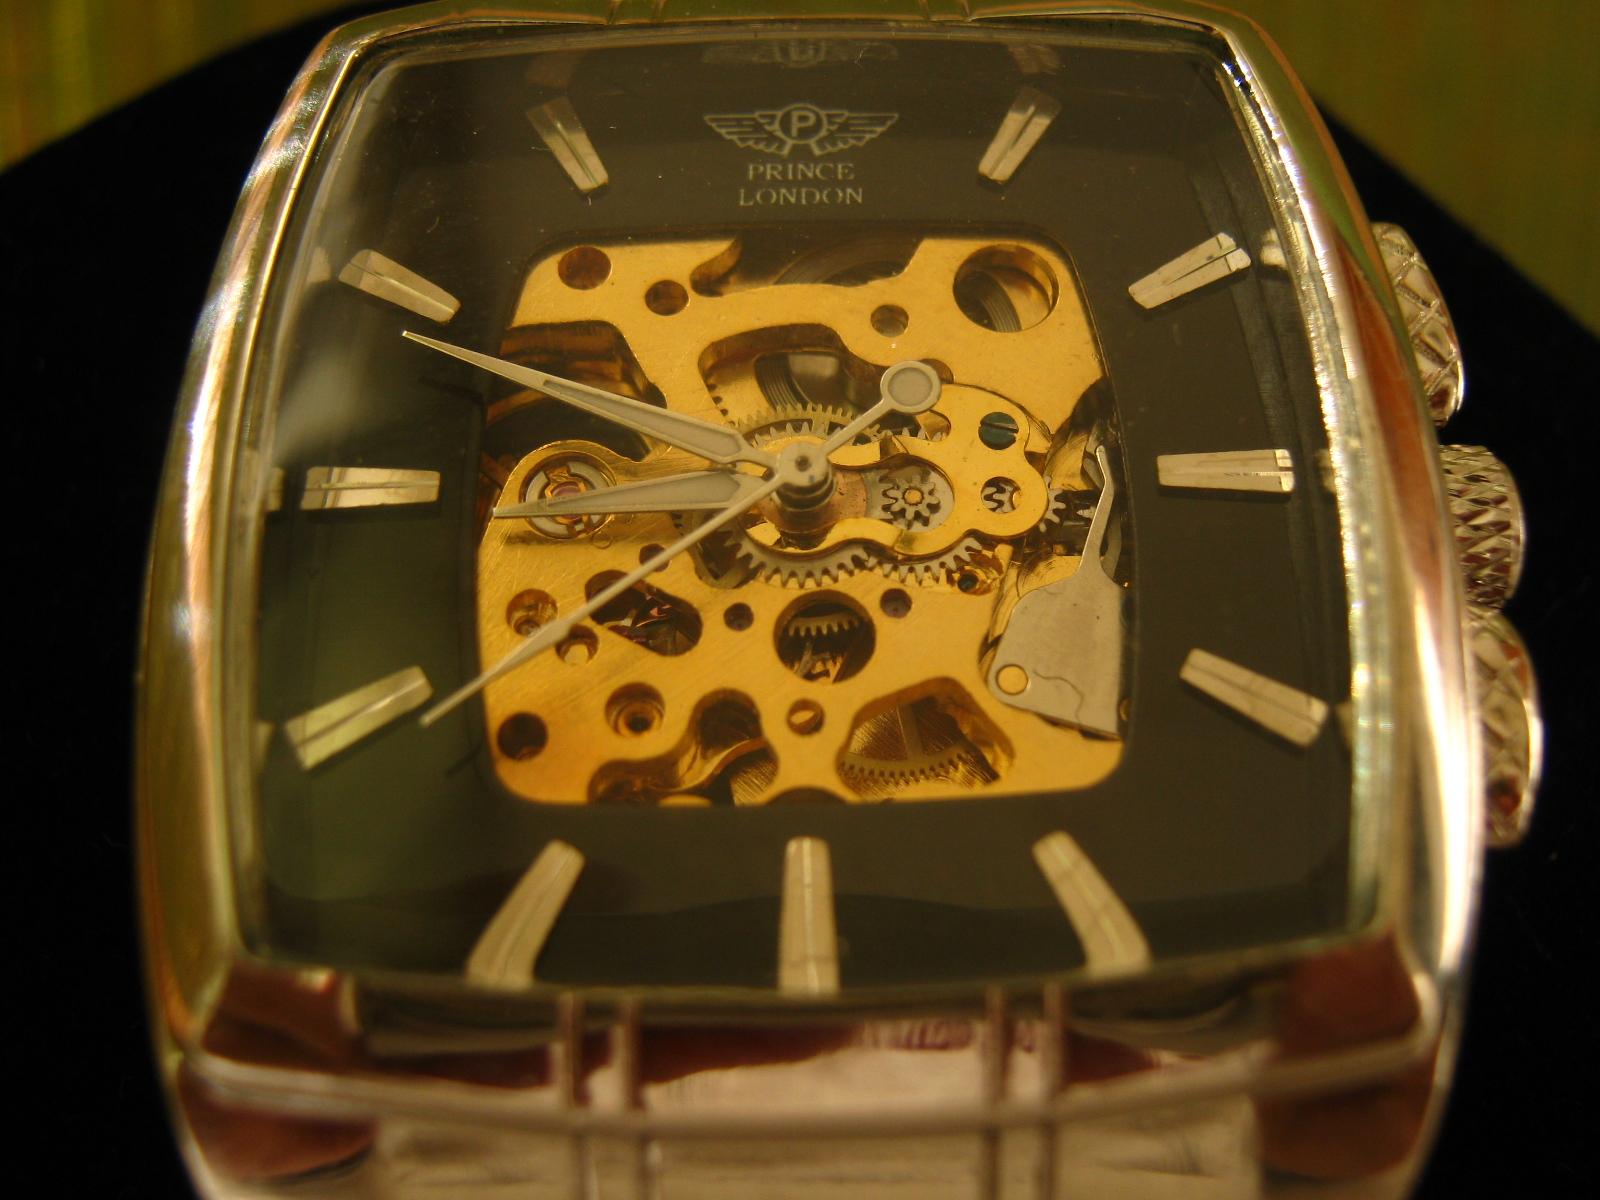 Eladó a fotókon látható Új!!! skeleton (csontváz) óra! A skeleton órák  jellegzetessége 45b119713b